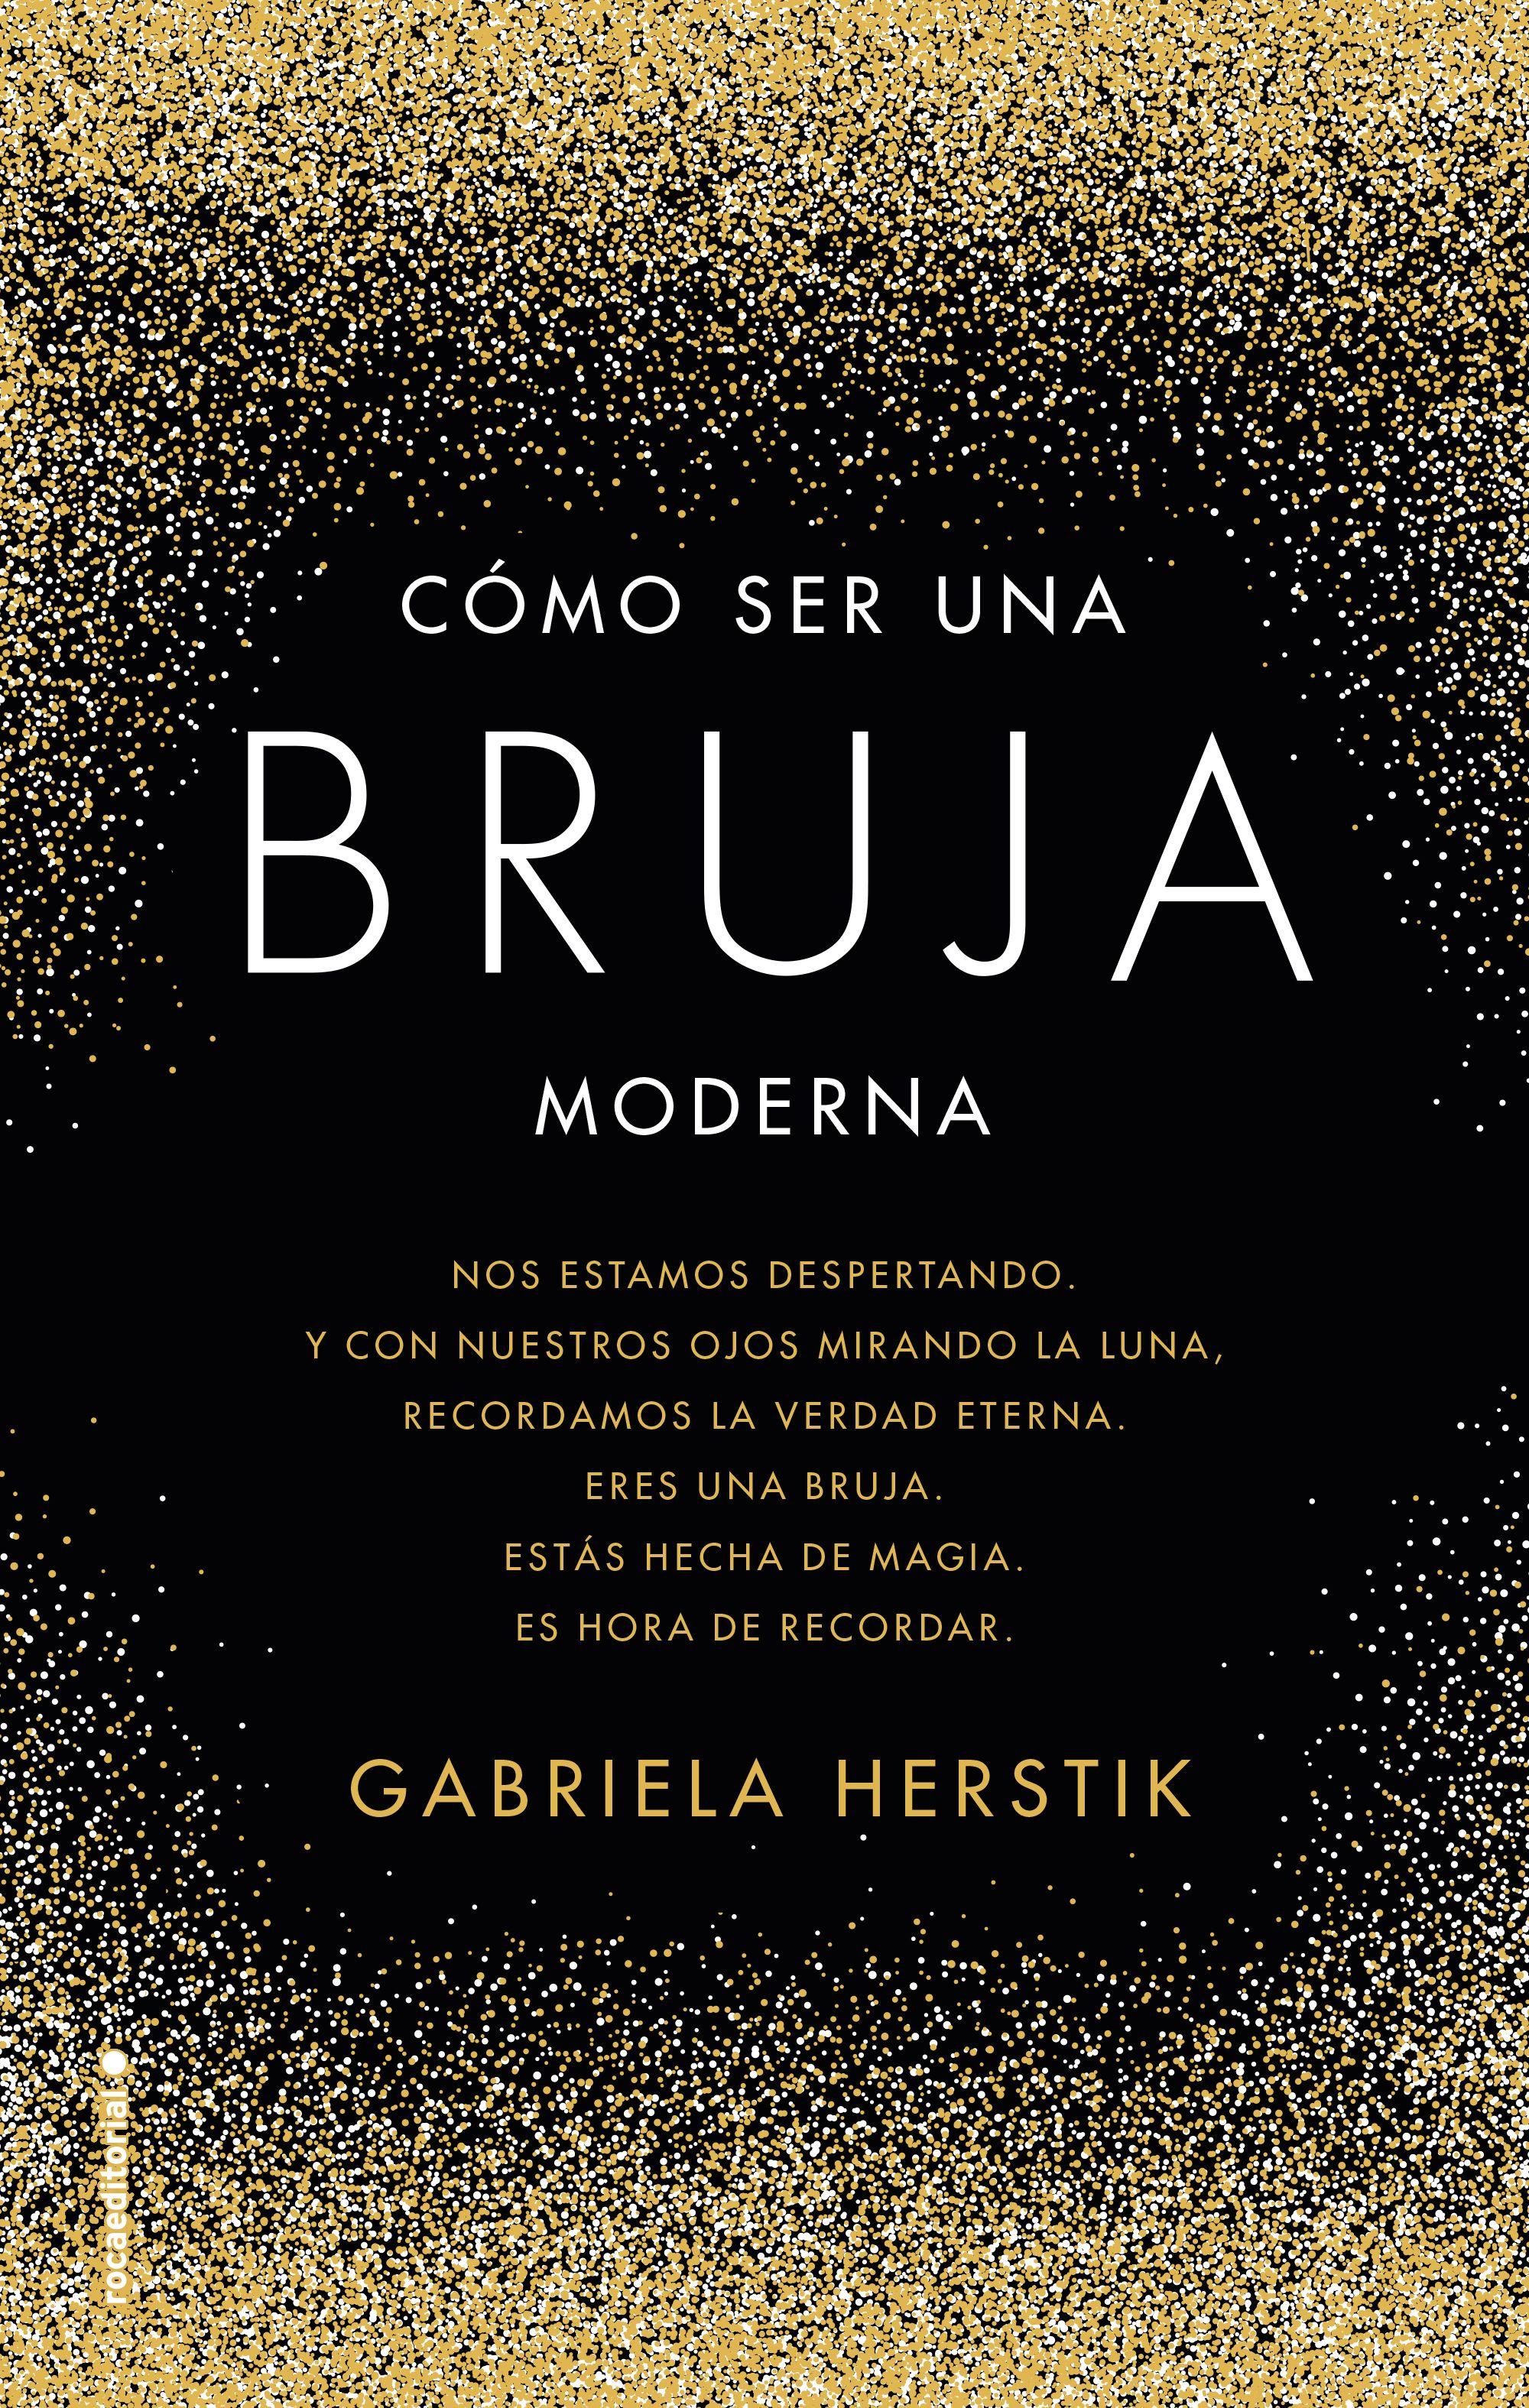 Cómo Ser Una Bruja Moderna Gabriela Herstik Libros De Hechizos Bruja Moderna Libros De Magia Blanca